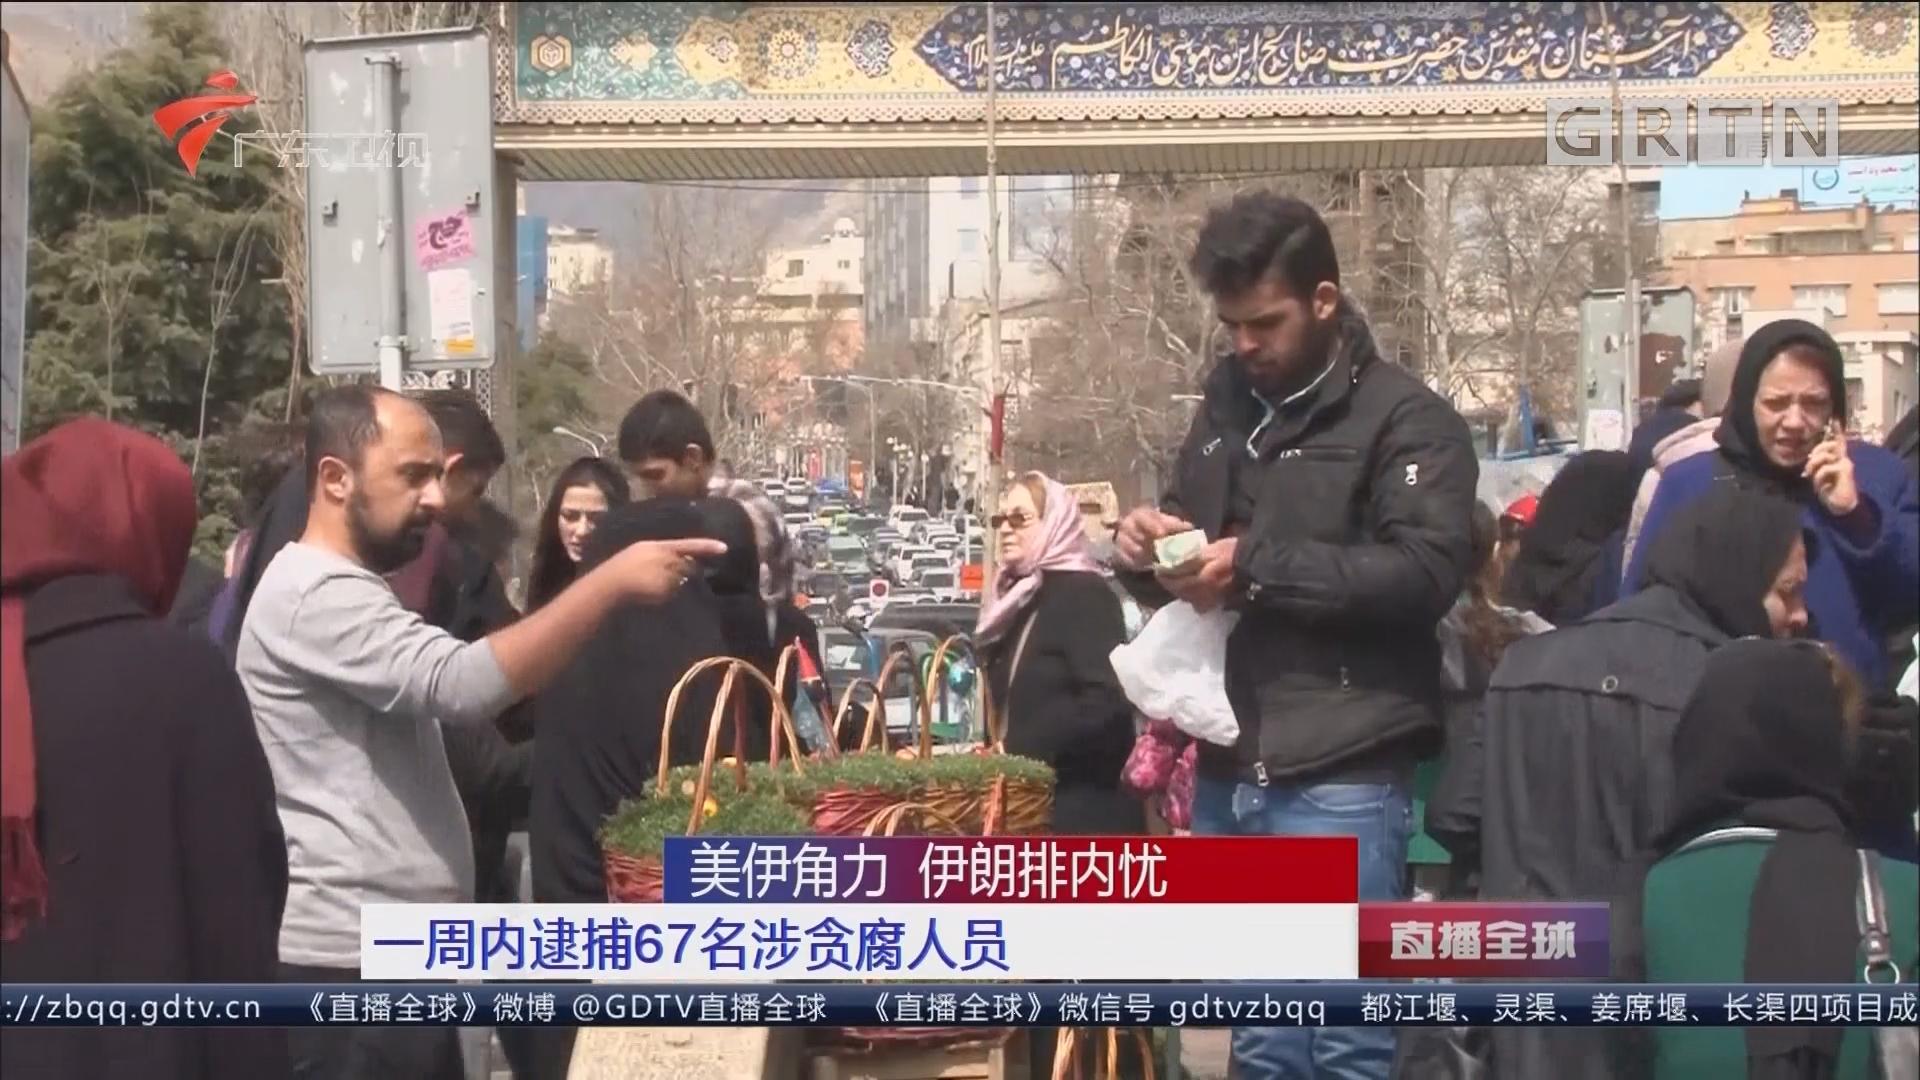 美伊角力 伊朗排内忧:一周内逮捕67名涉贪腐人员